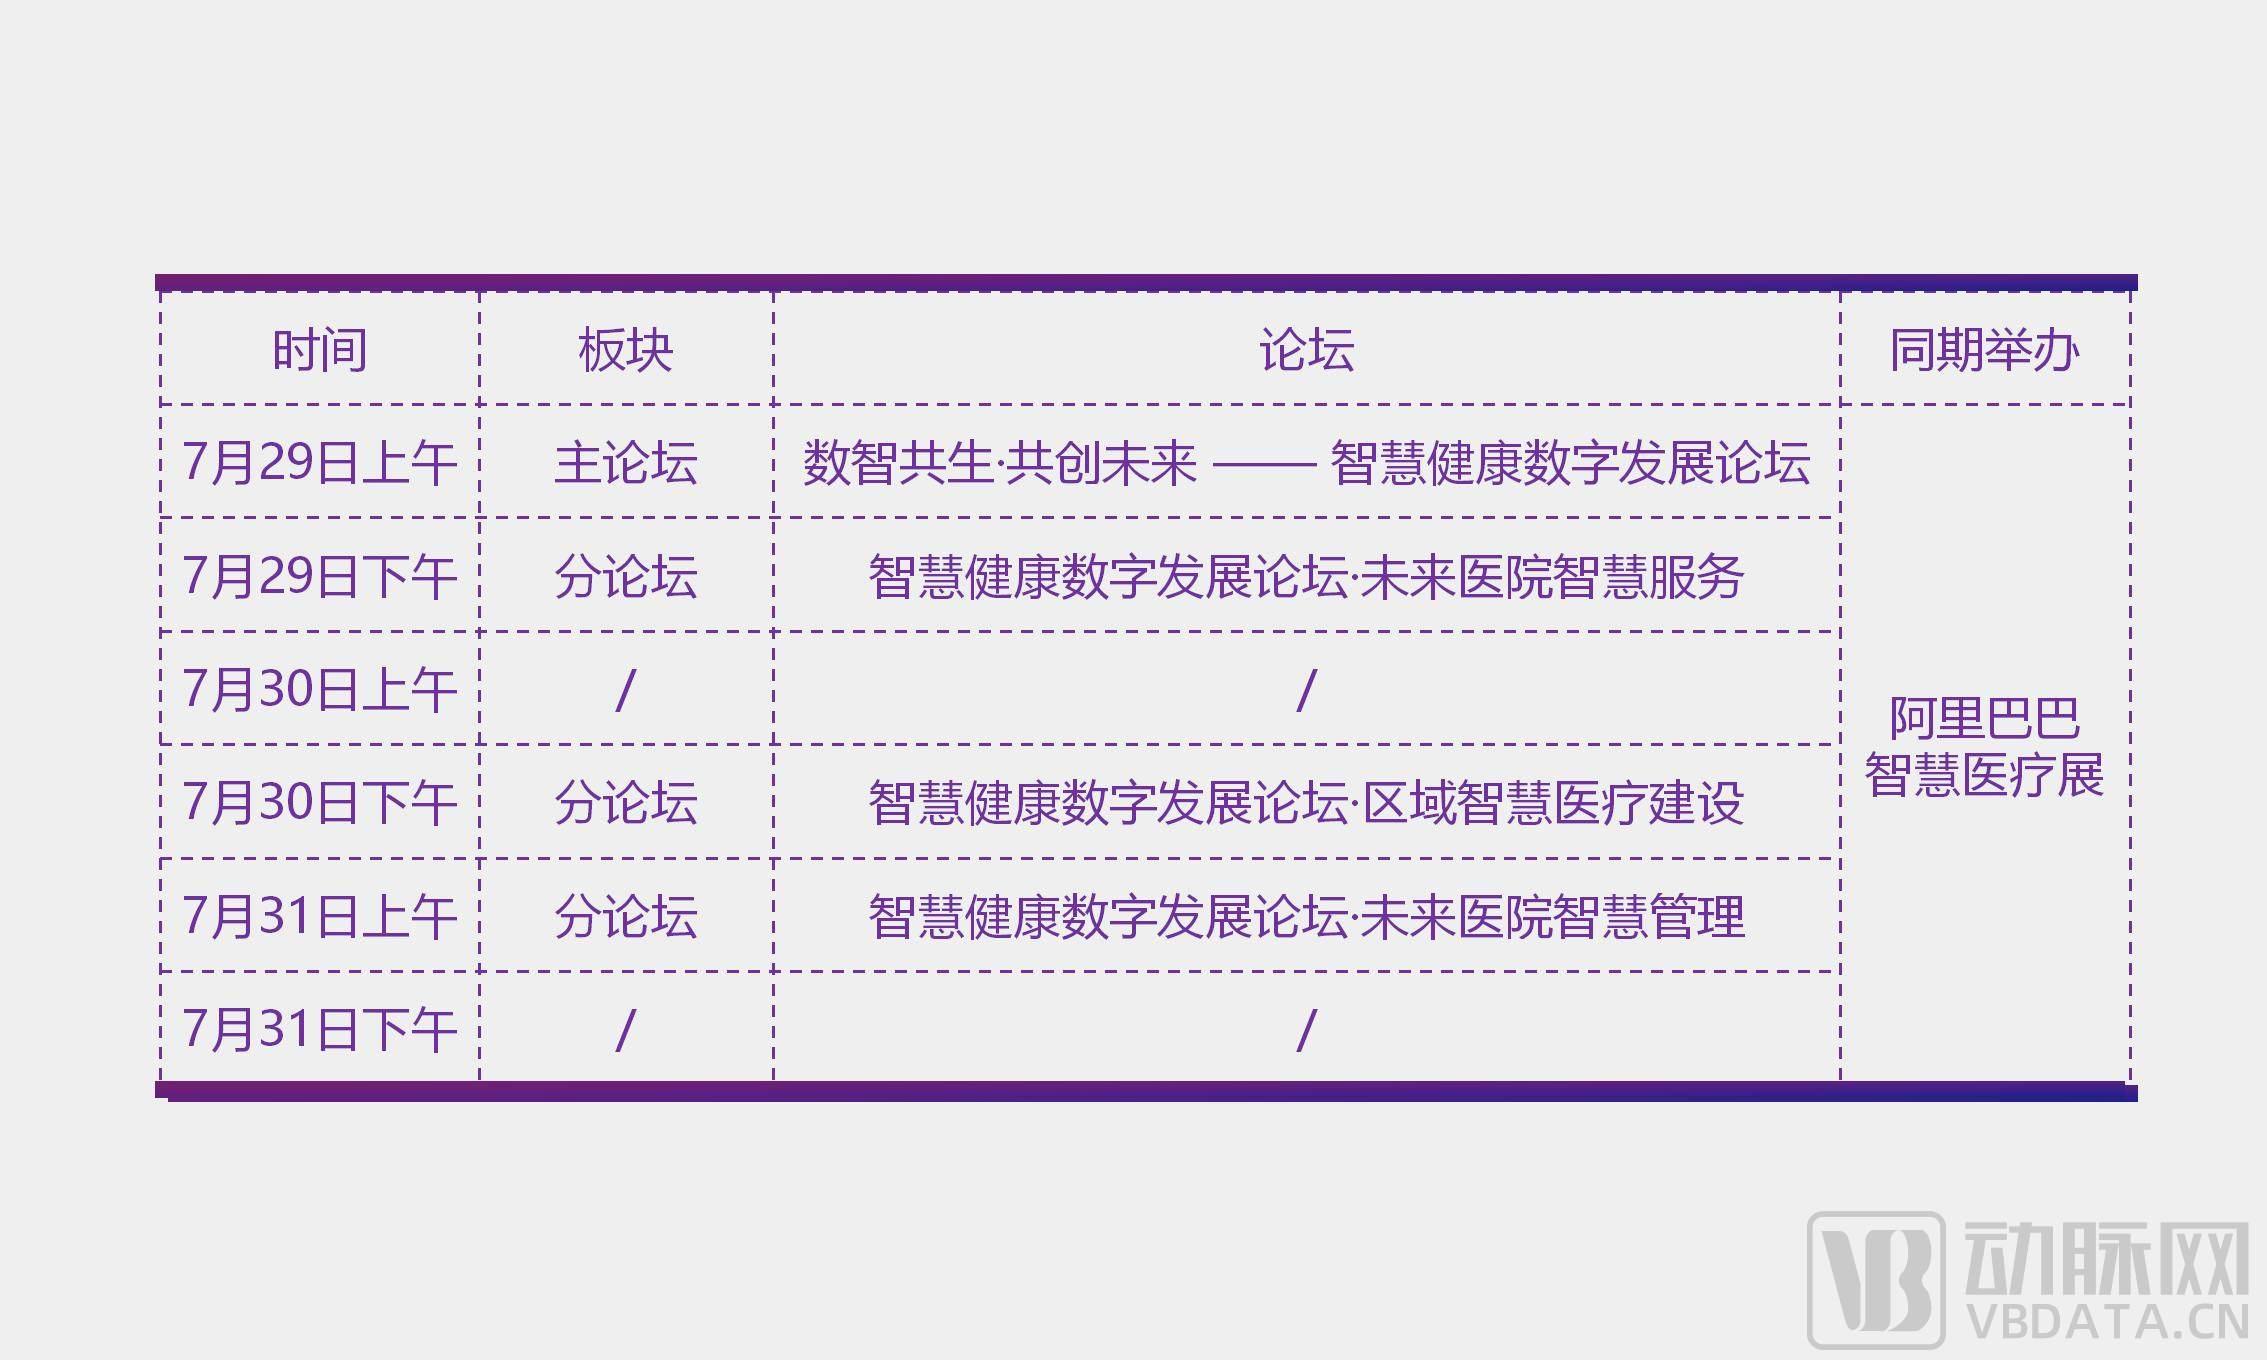 钉钉大会议程+嘉宾_01.jpg